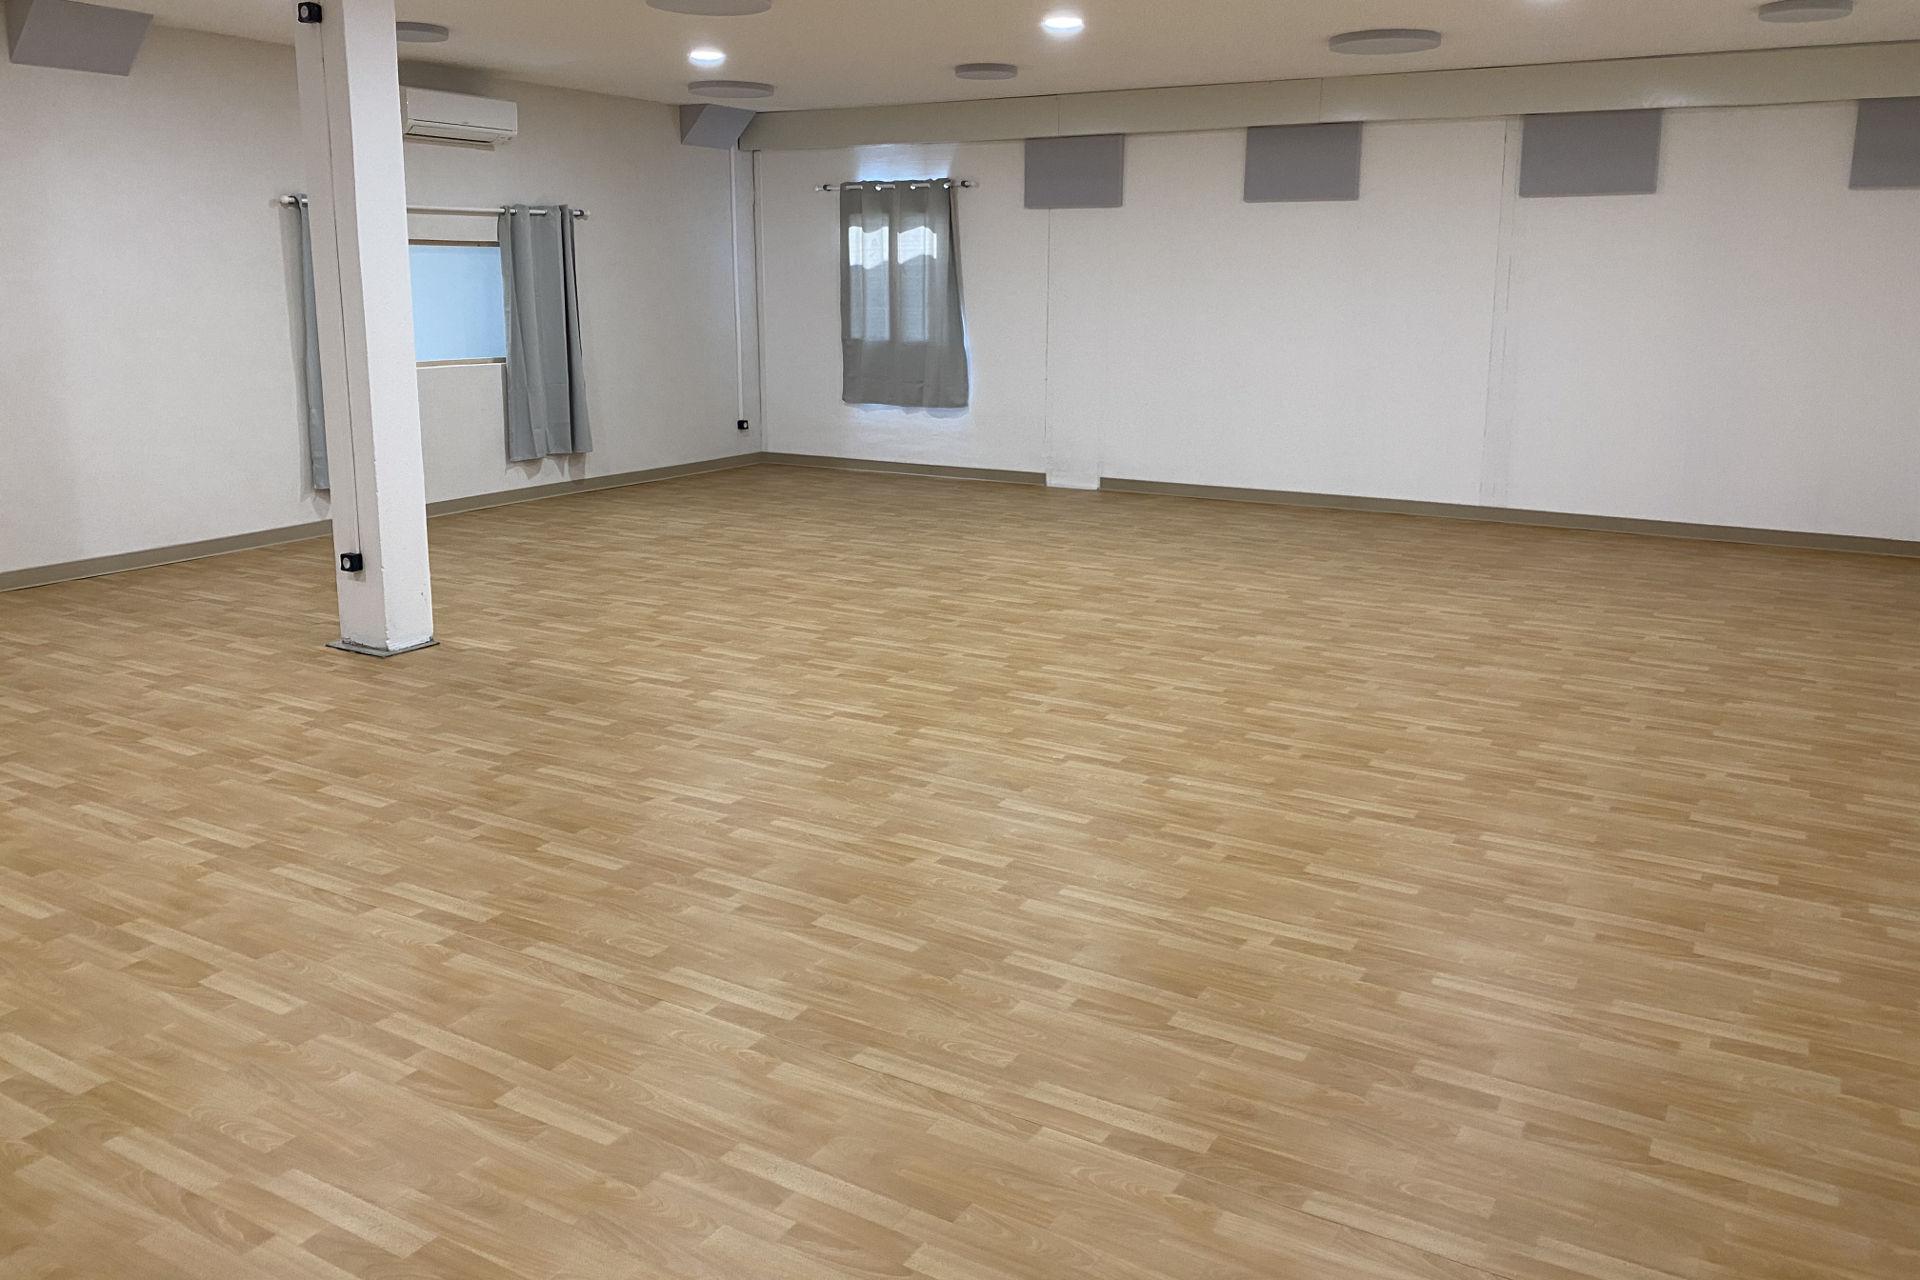 salle de danse macotex Sorgues